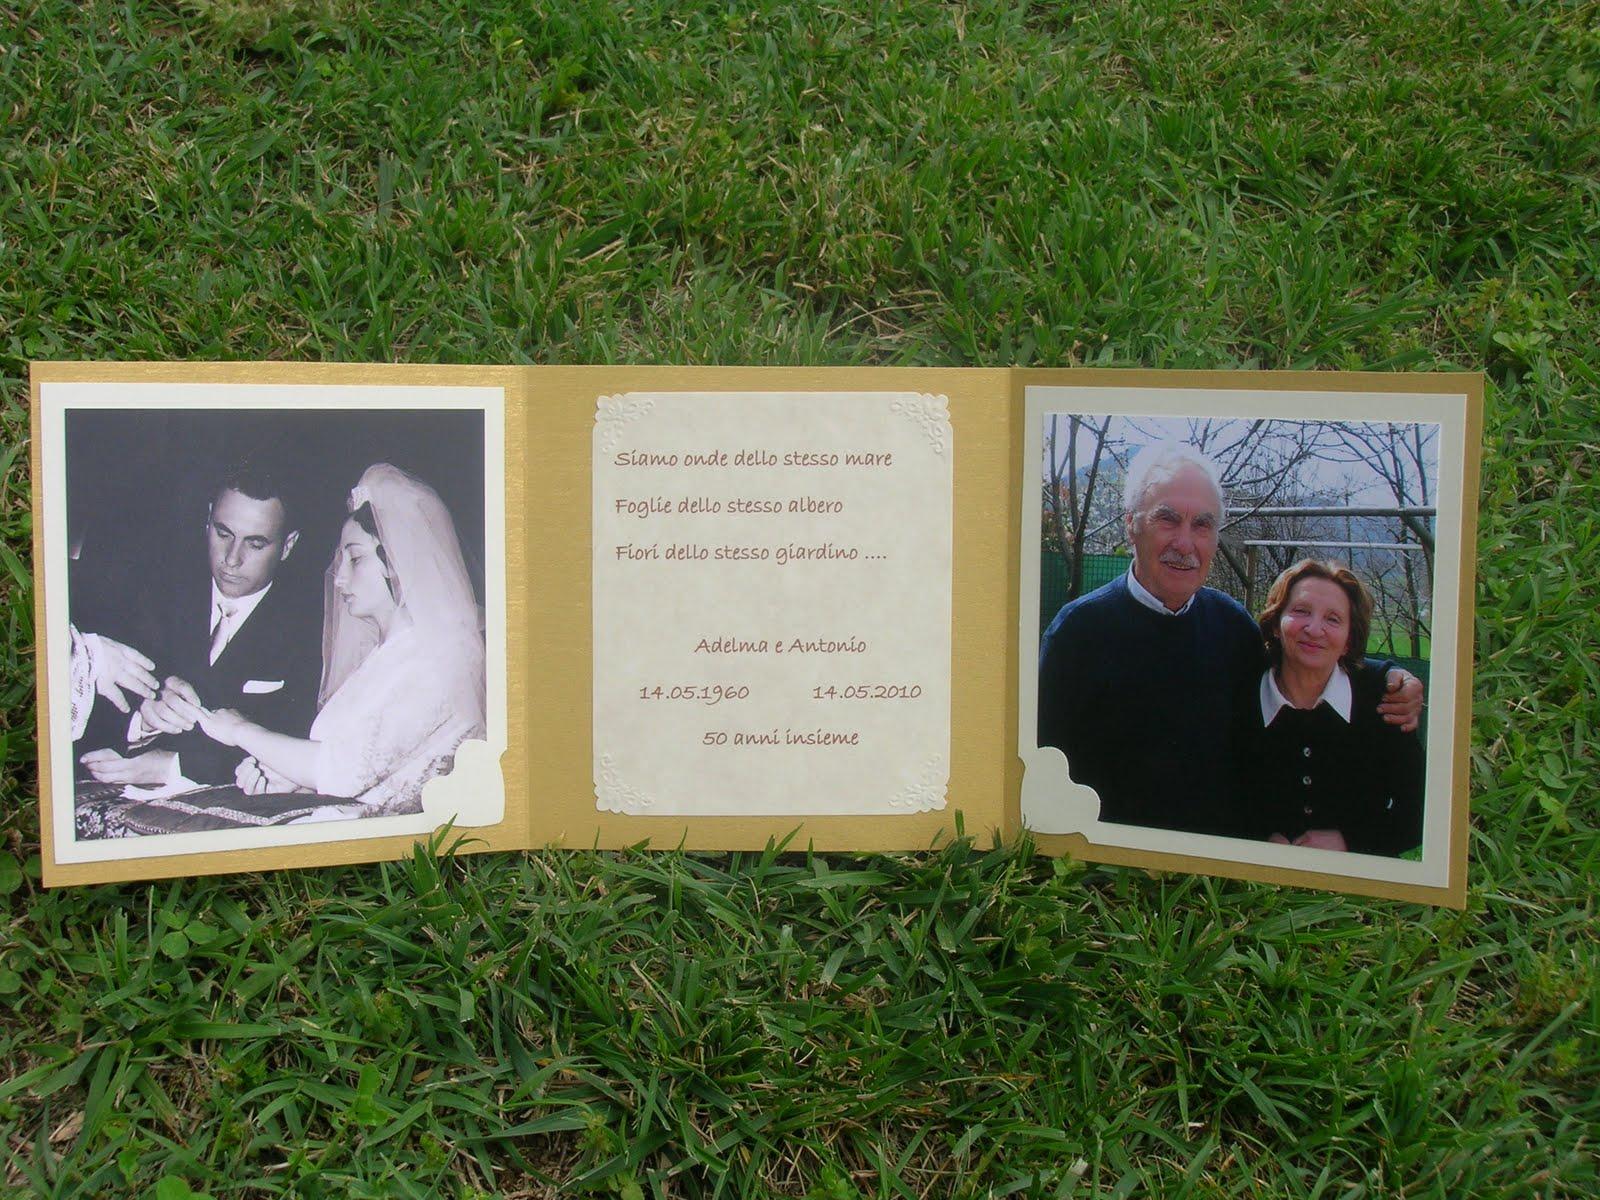 Biglietto 50 Anniversario Matrimonio.Fabylab Biglietti Per Il 50 Anniversario Di Matrimonio